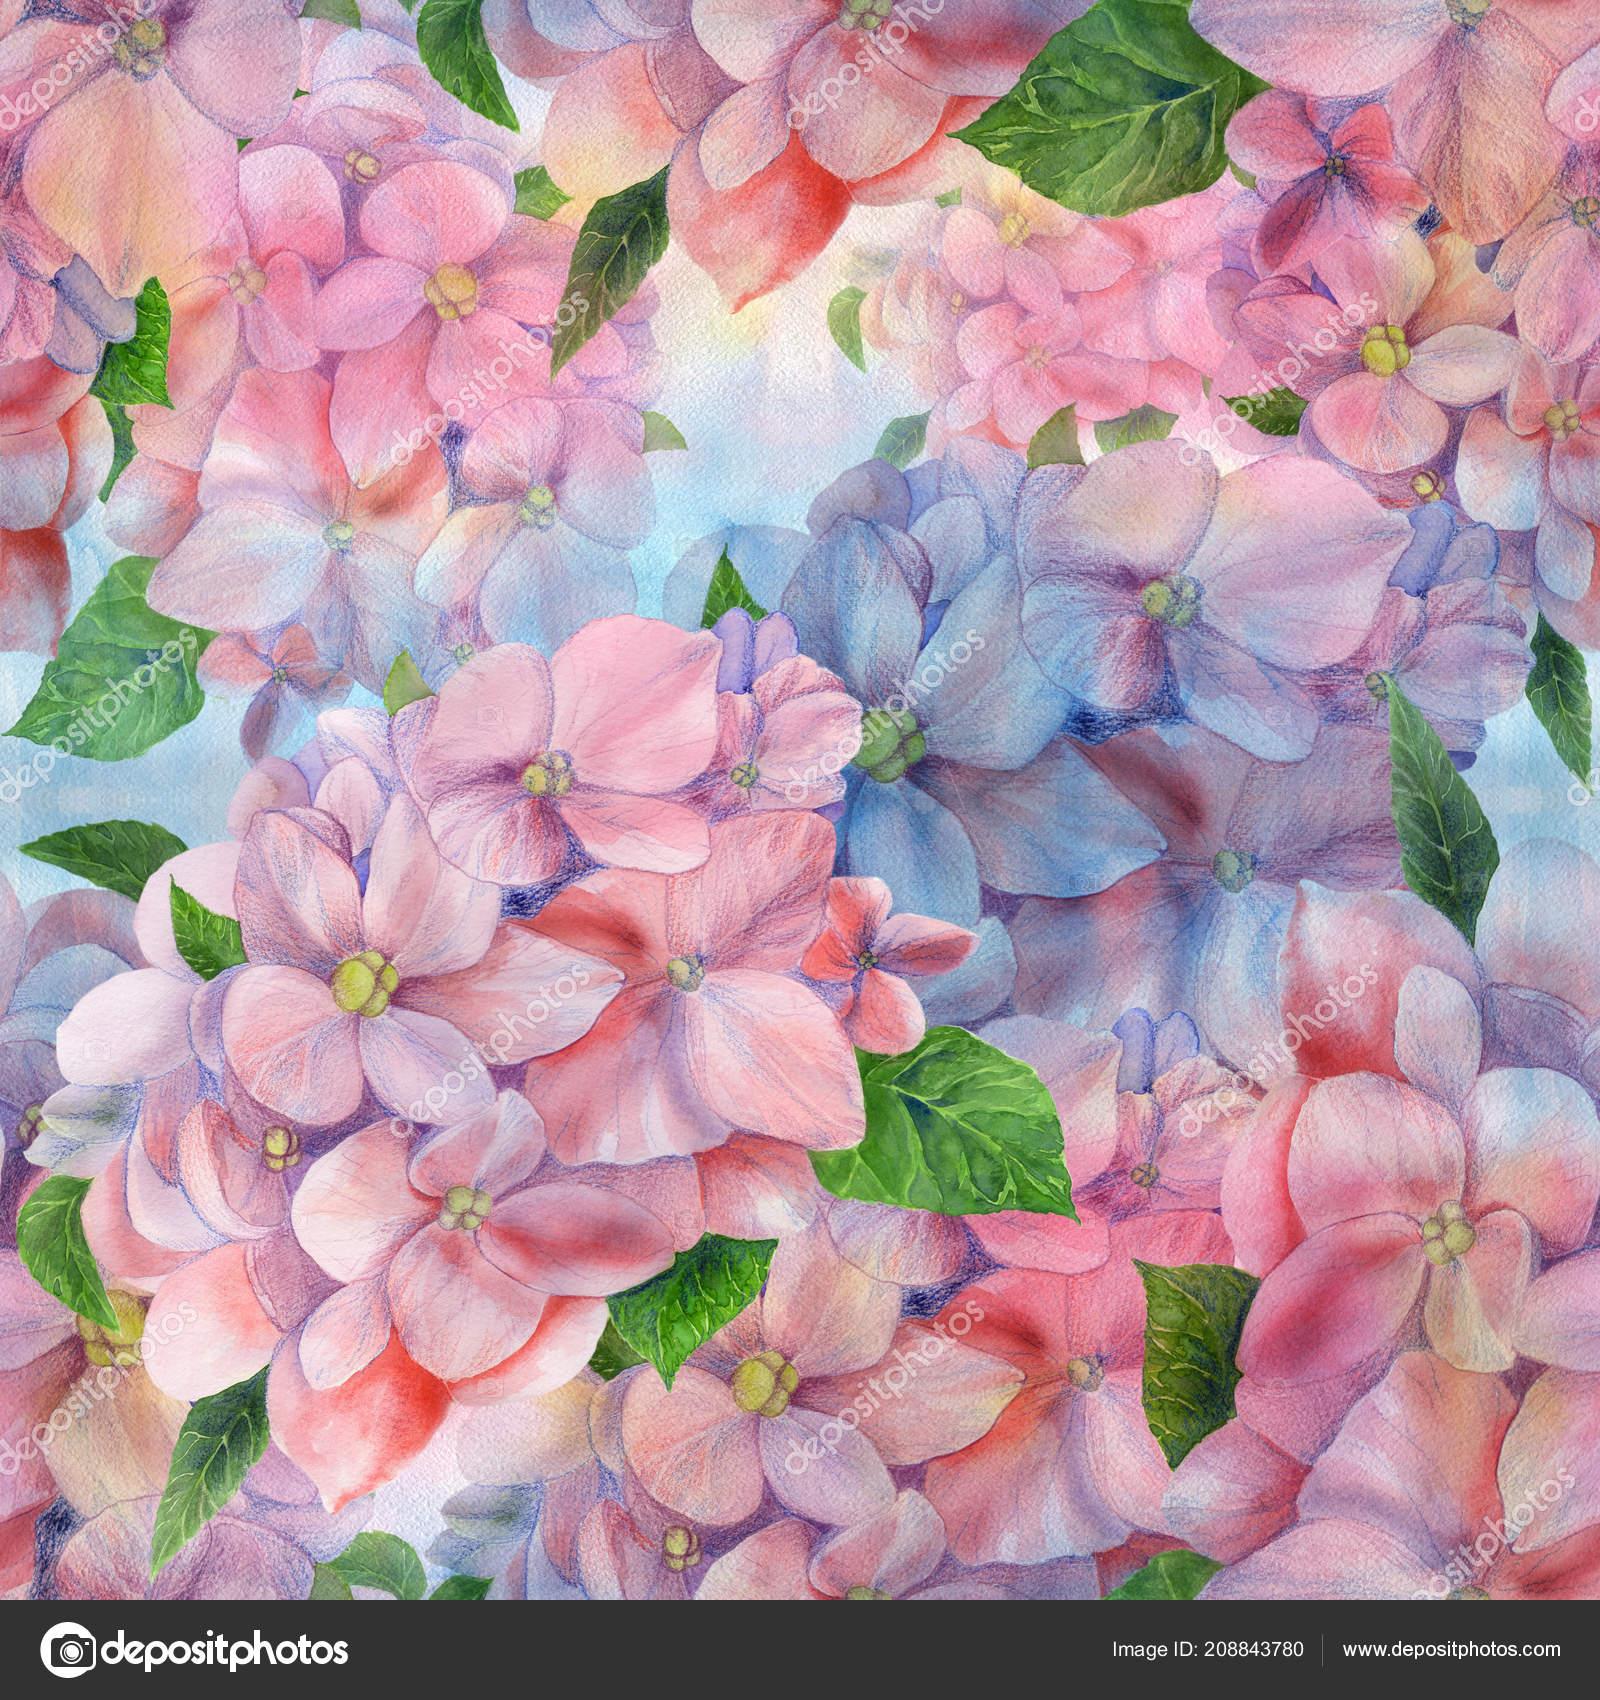 Flores Hojas Hortensias Dibujo Acuarela Patrones Sin Fisuras Uso